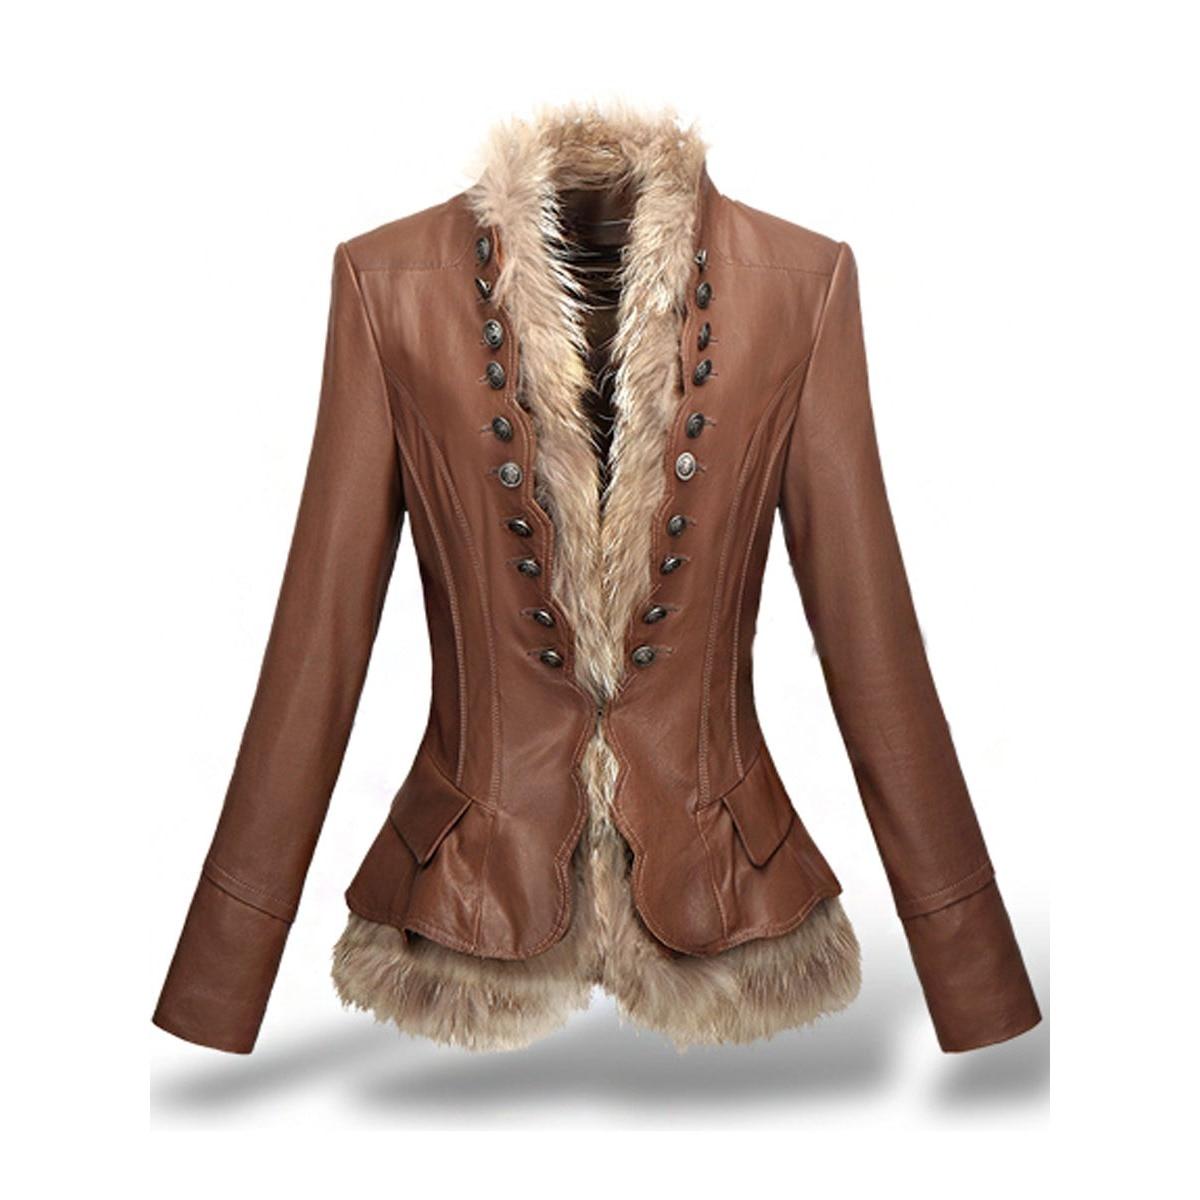 Young17 осенняя куртка женская одежда 2018 плюс Размеры Тонкий с длинным рукавом Уличная Повседневное Женская куртка осень-зима толстые пальто